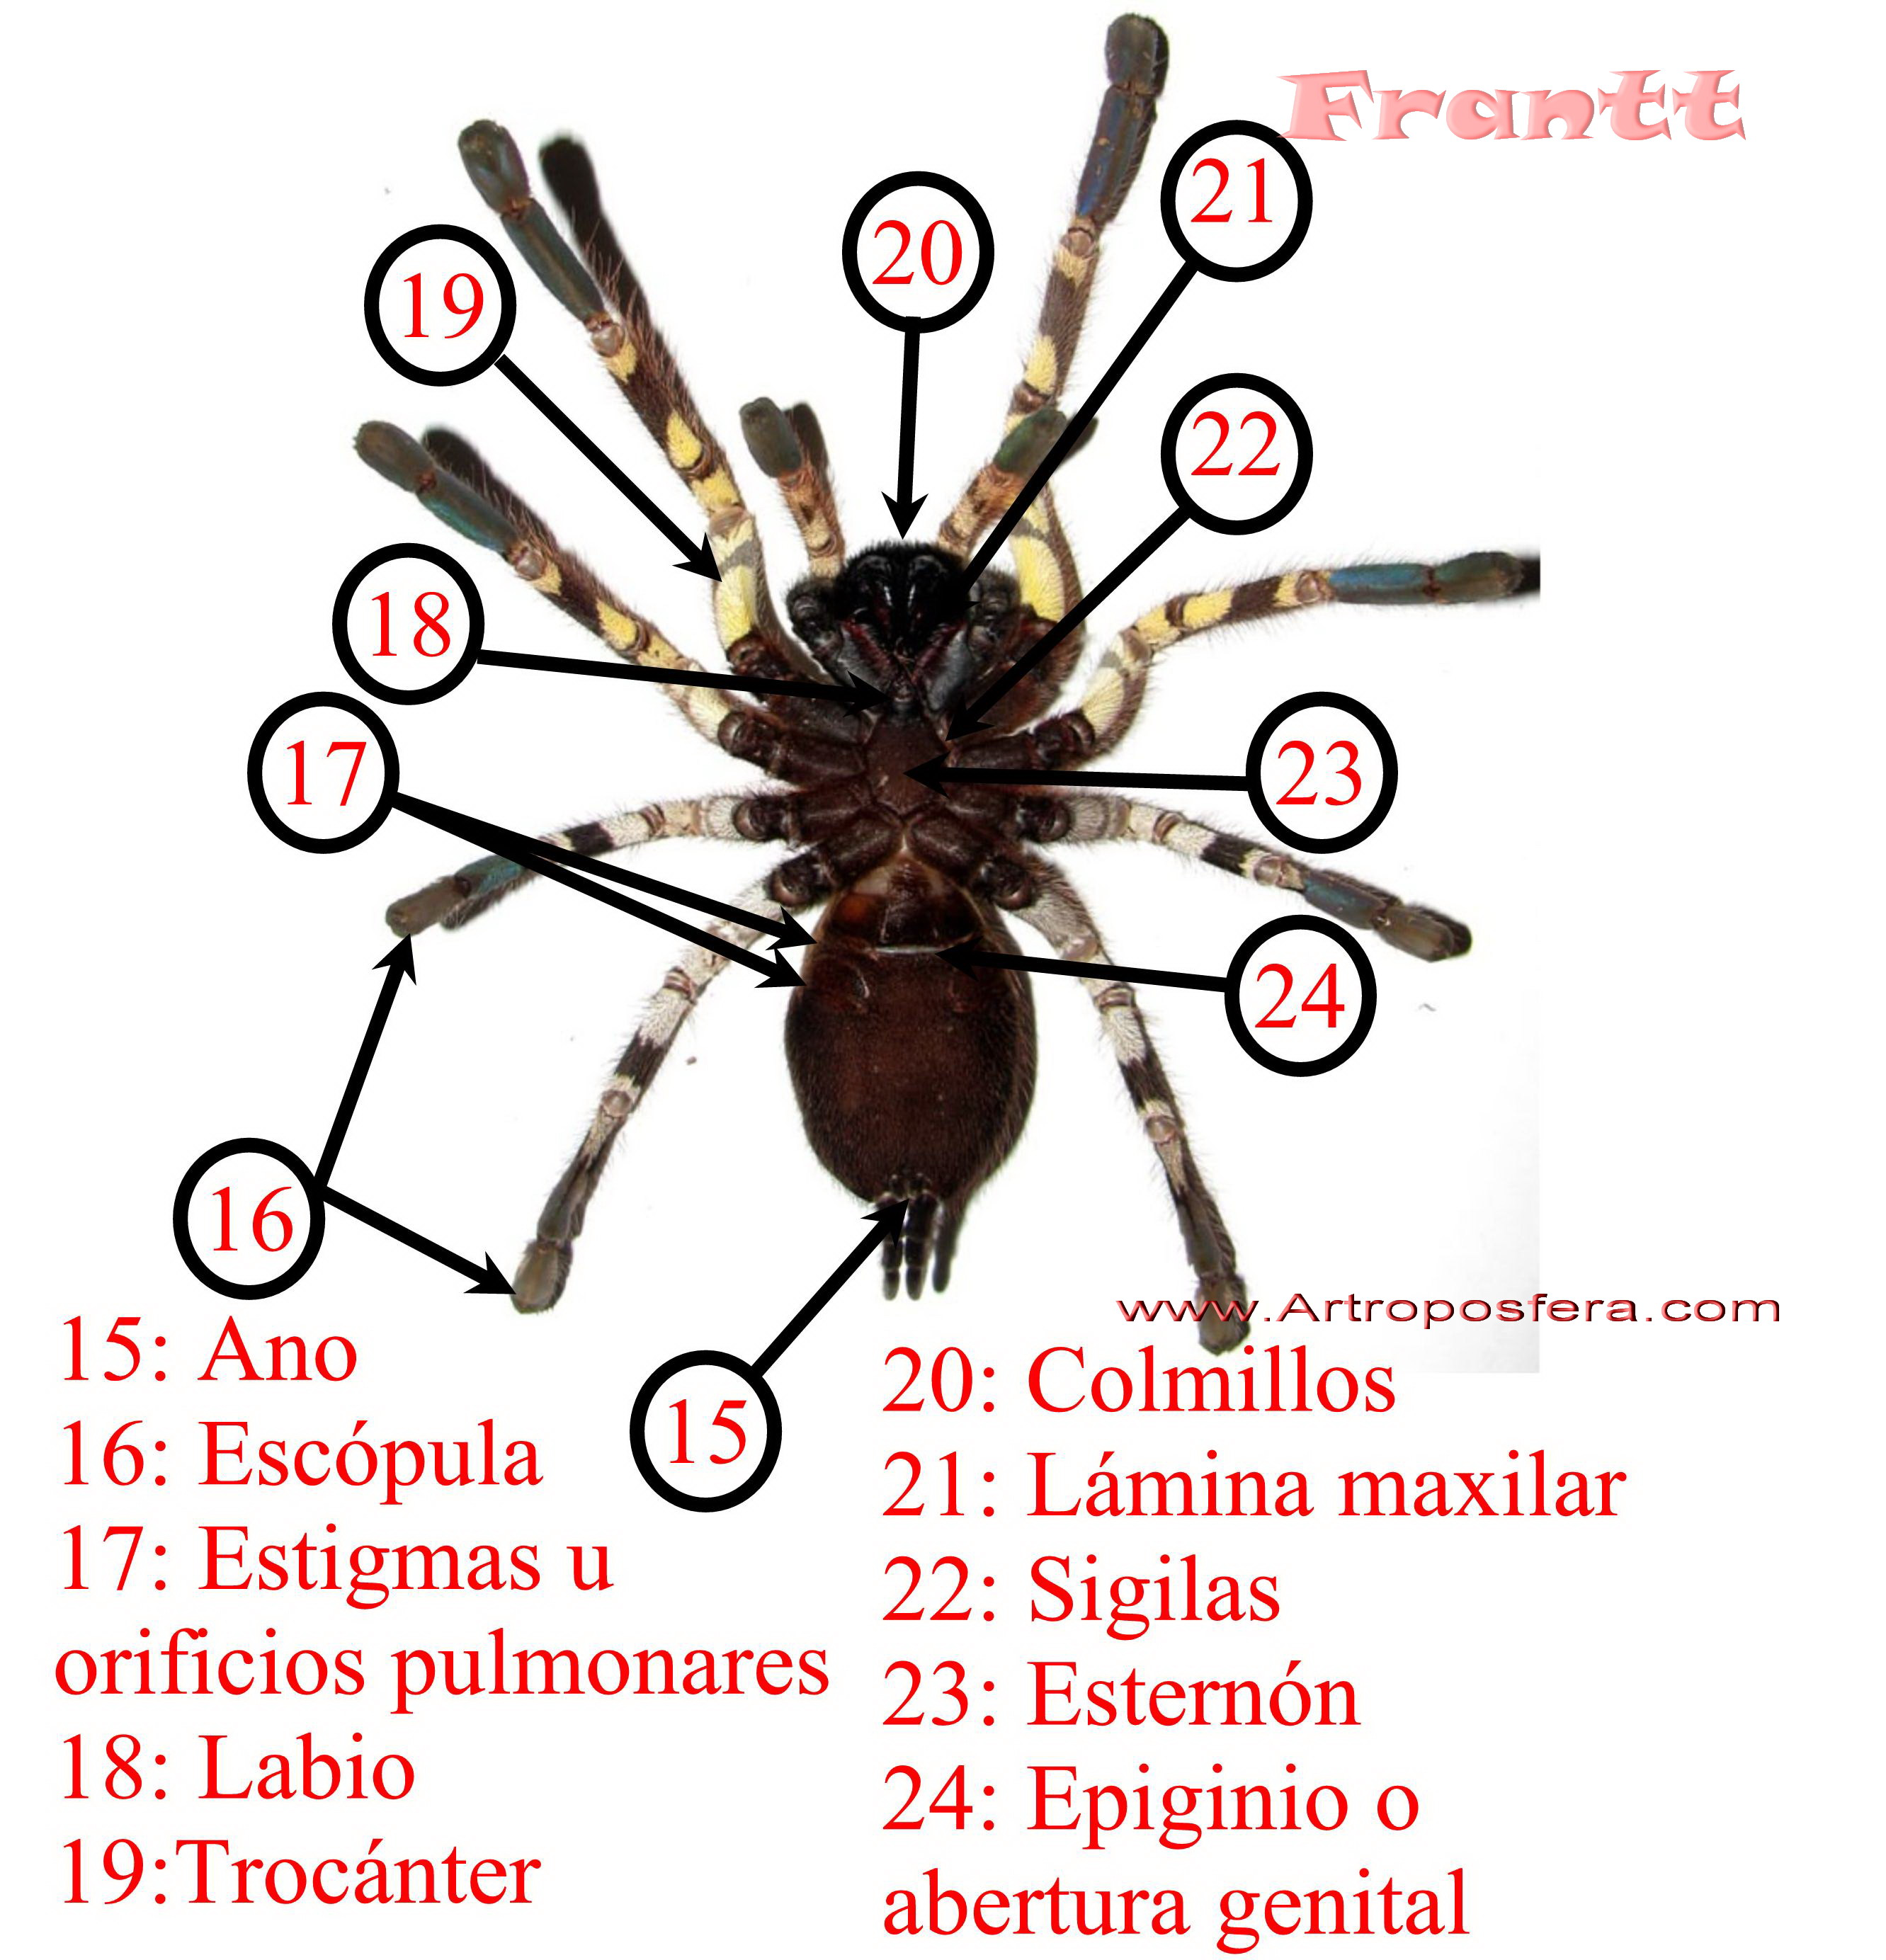 Anatomía de las tarantulas